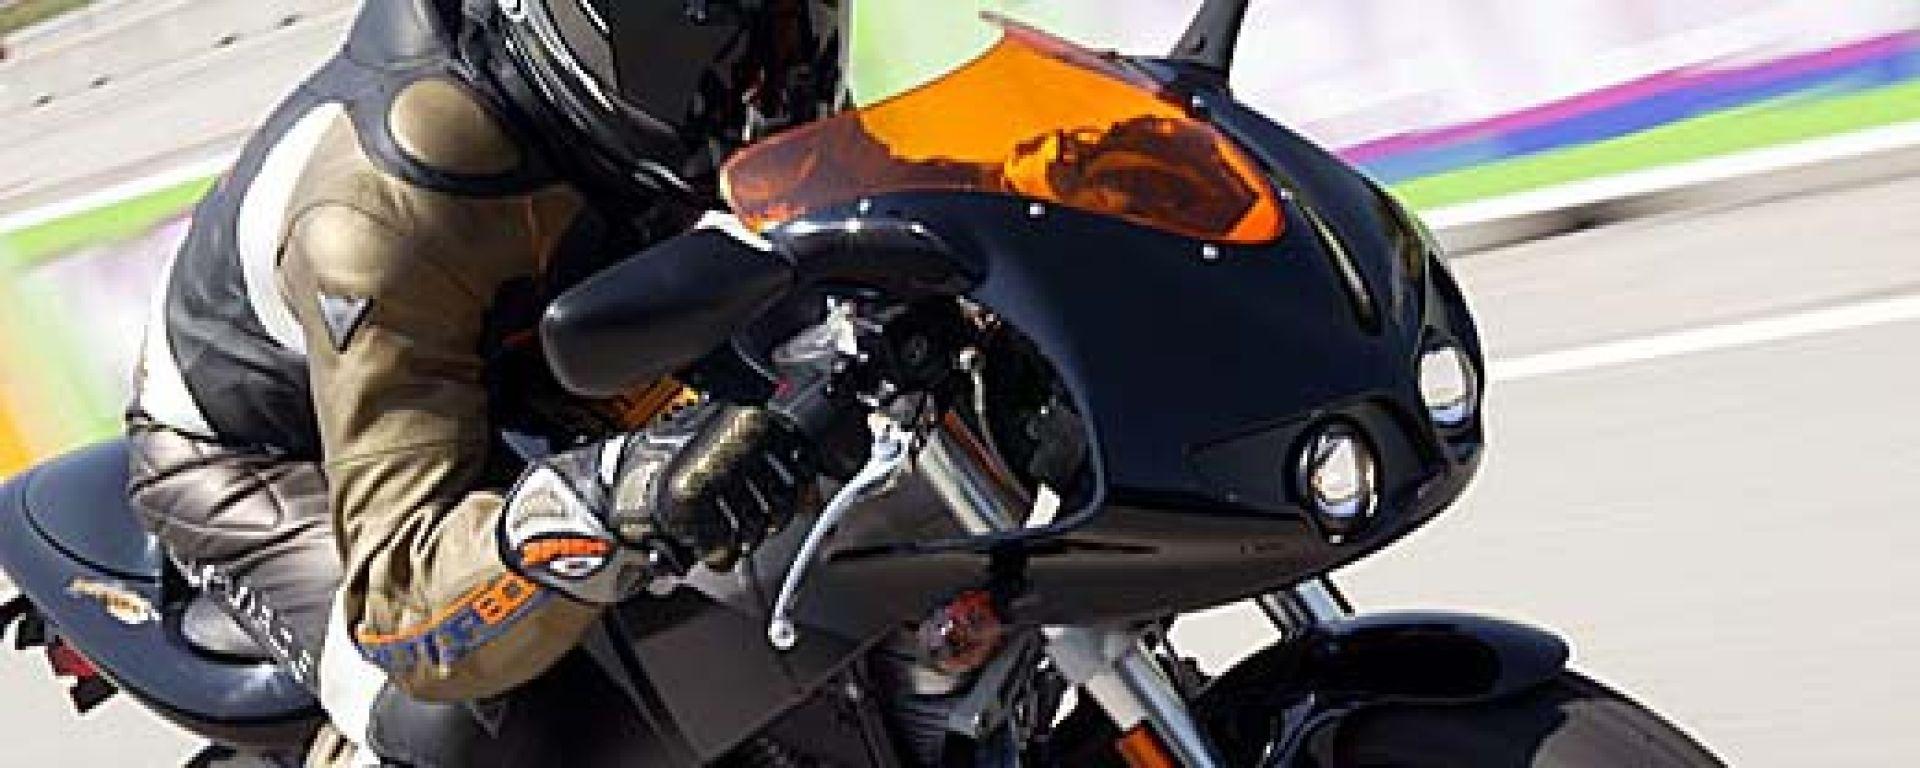 In pista con le nuove Buell: XB12 Lightning e Firebolt